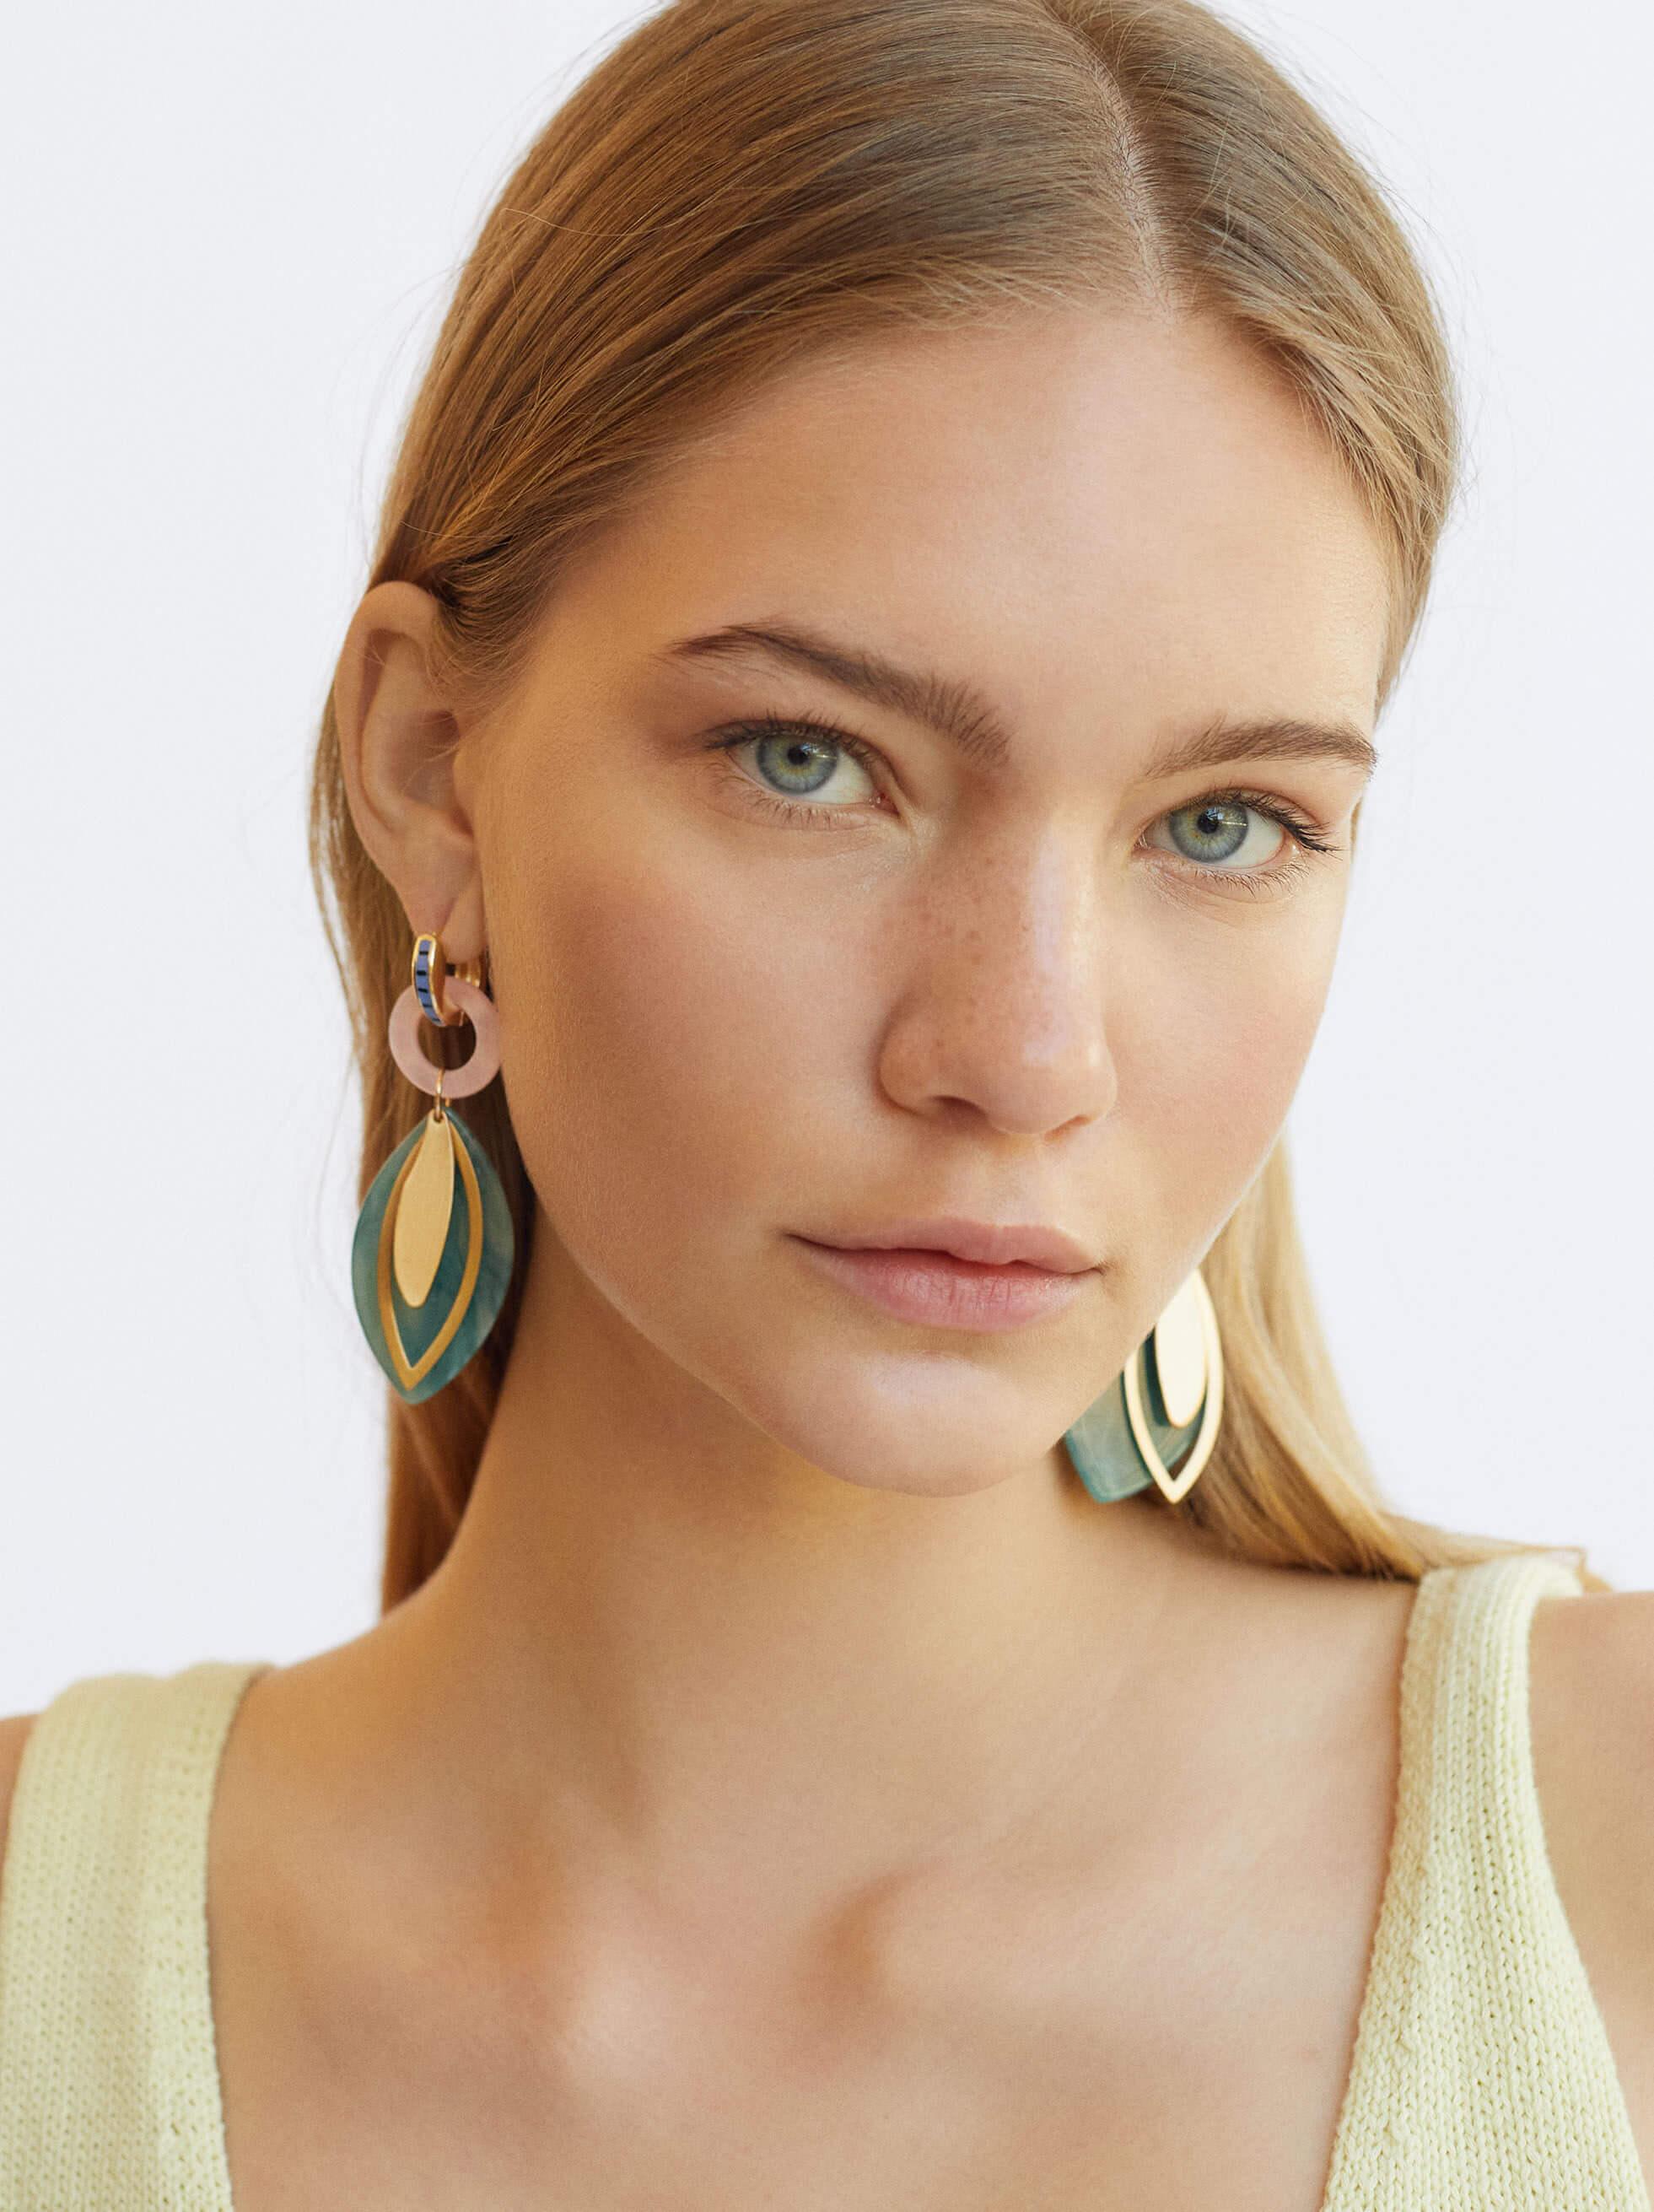 mulher loira de olhos verdes a usar brincos da parfois